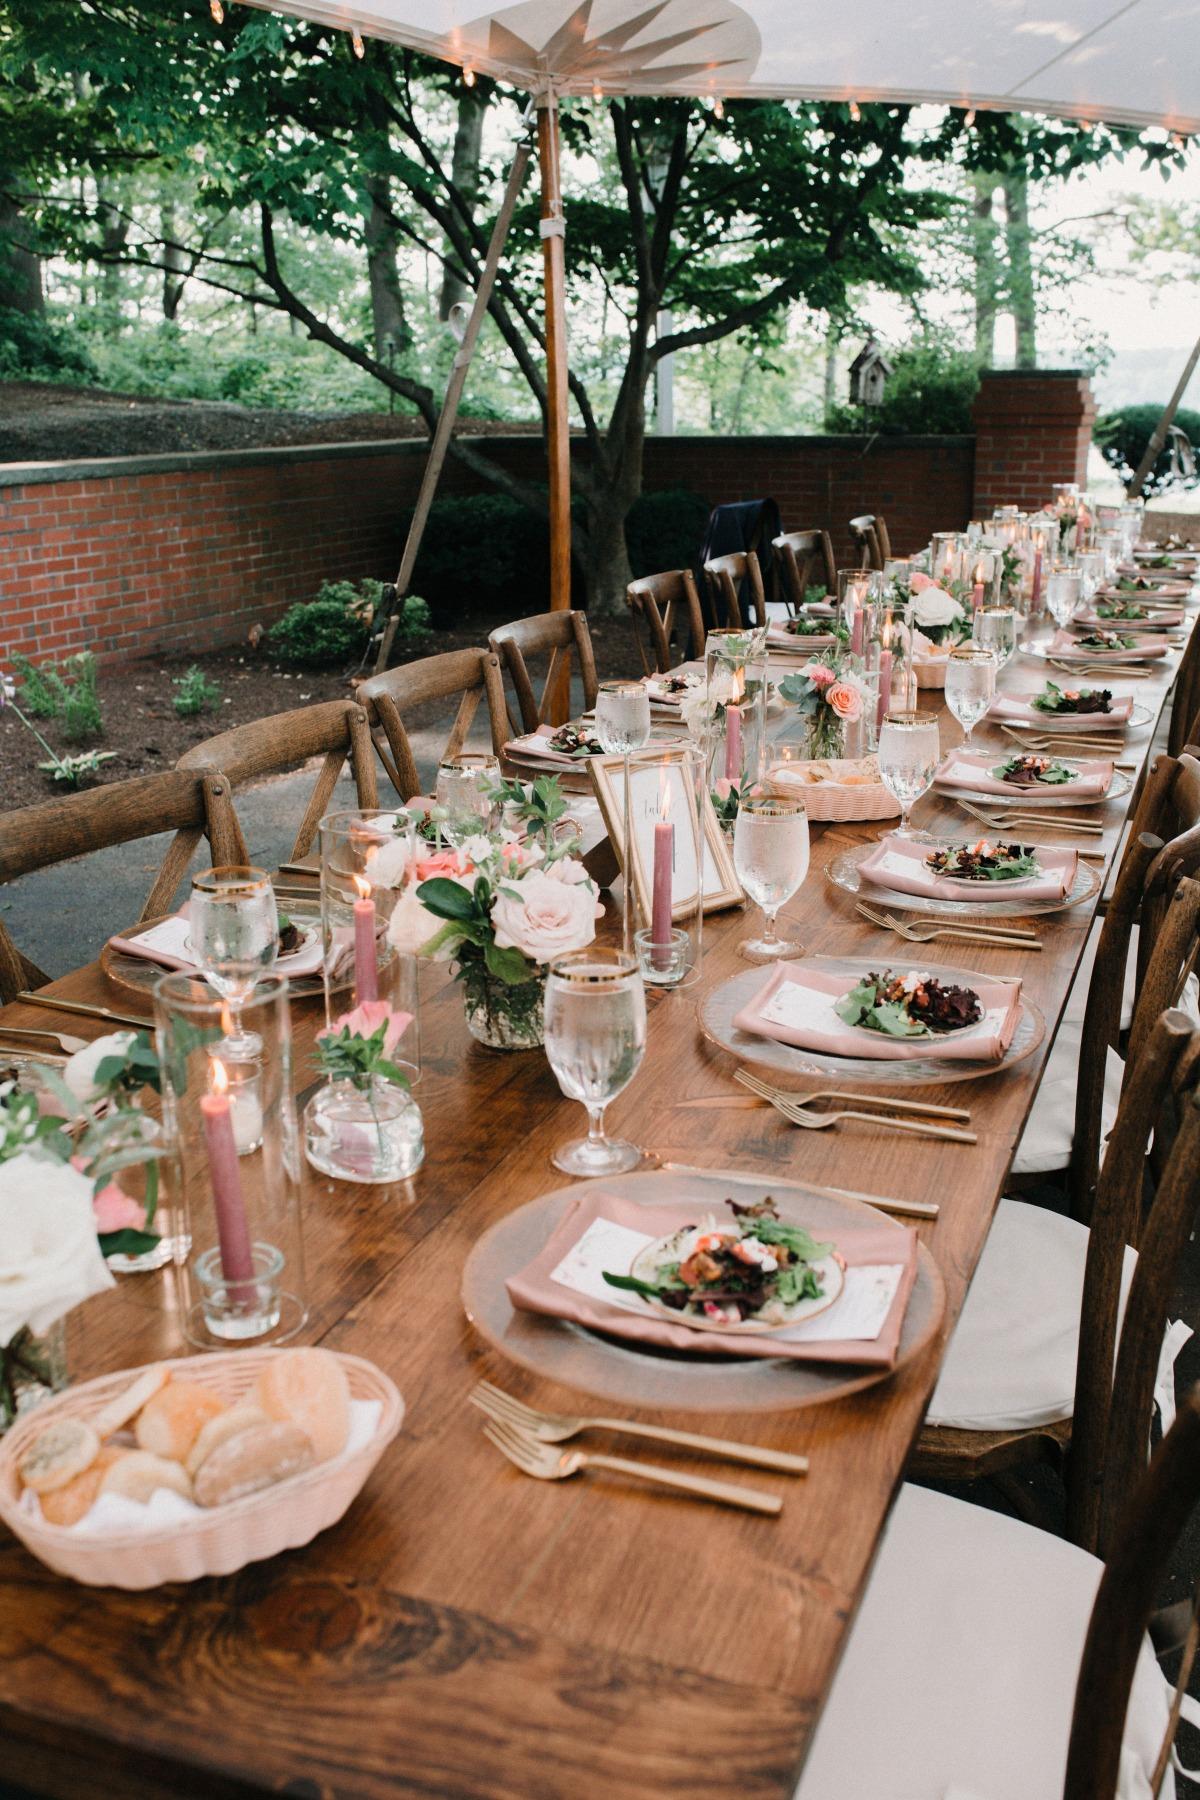 vjenčanja u dvorištu